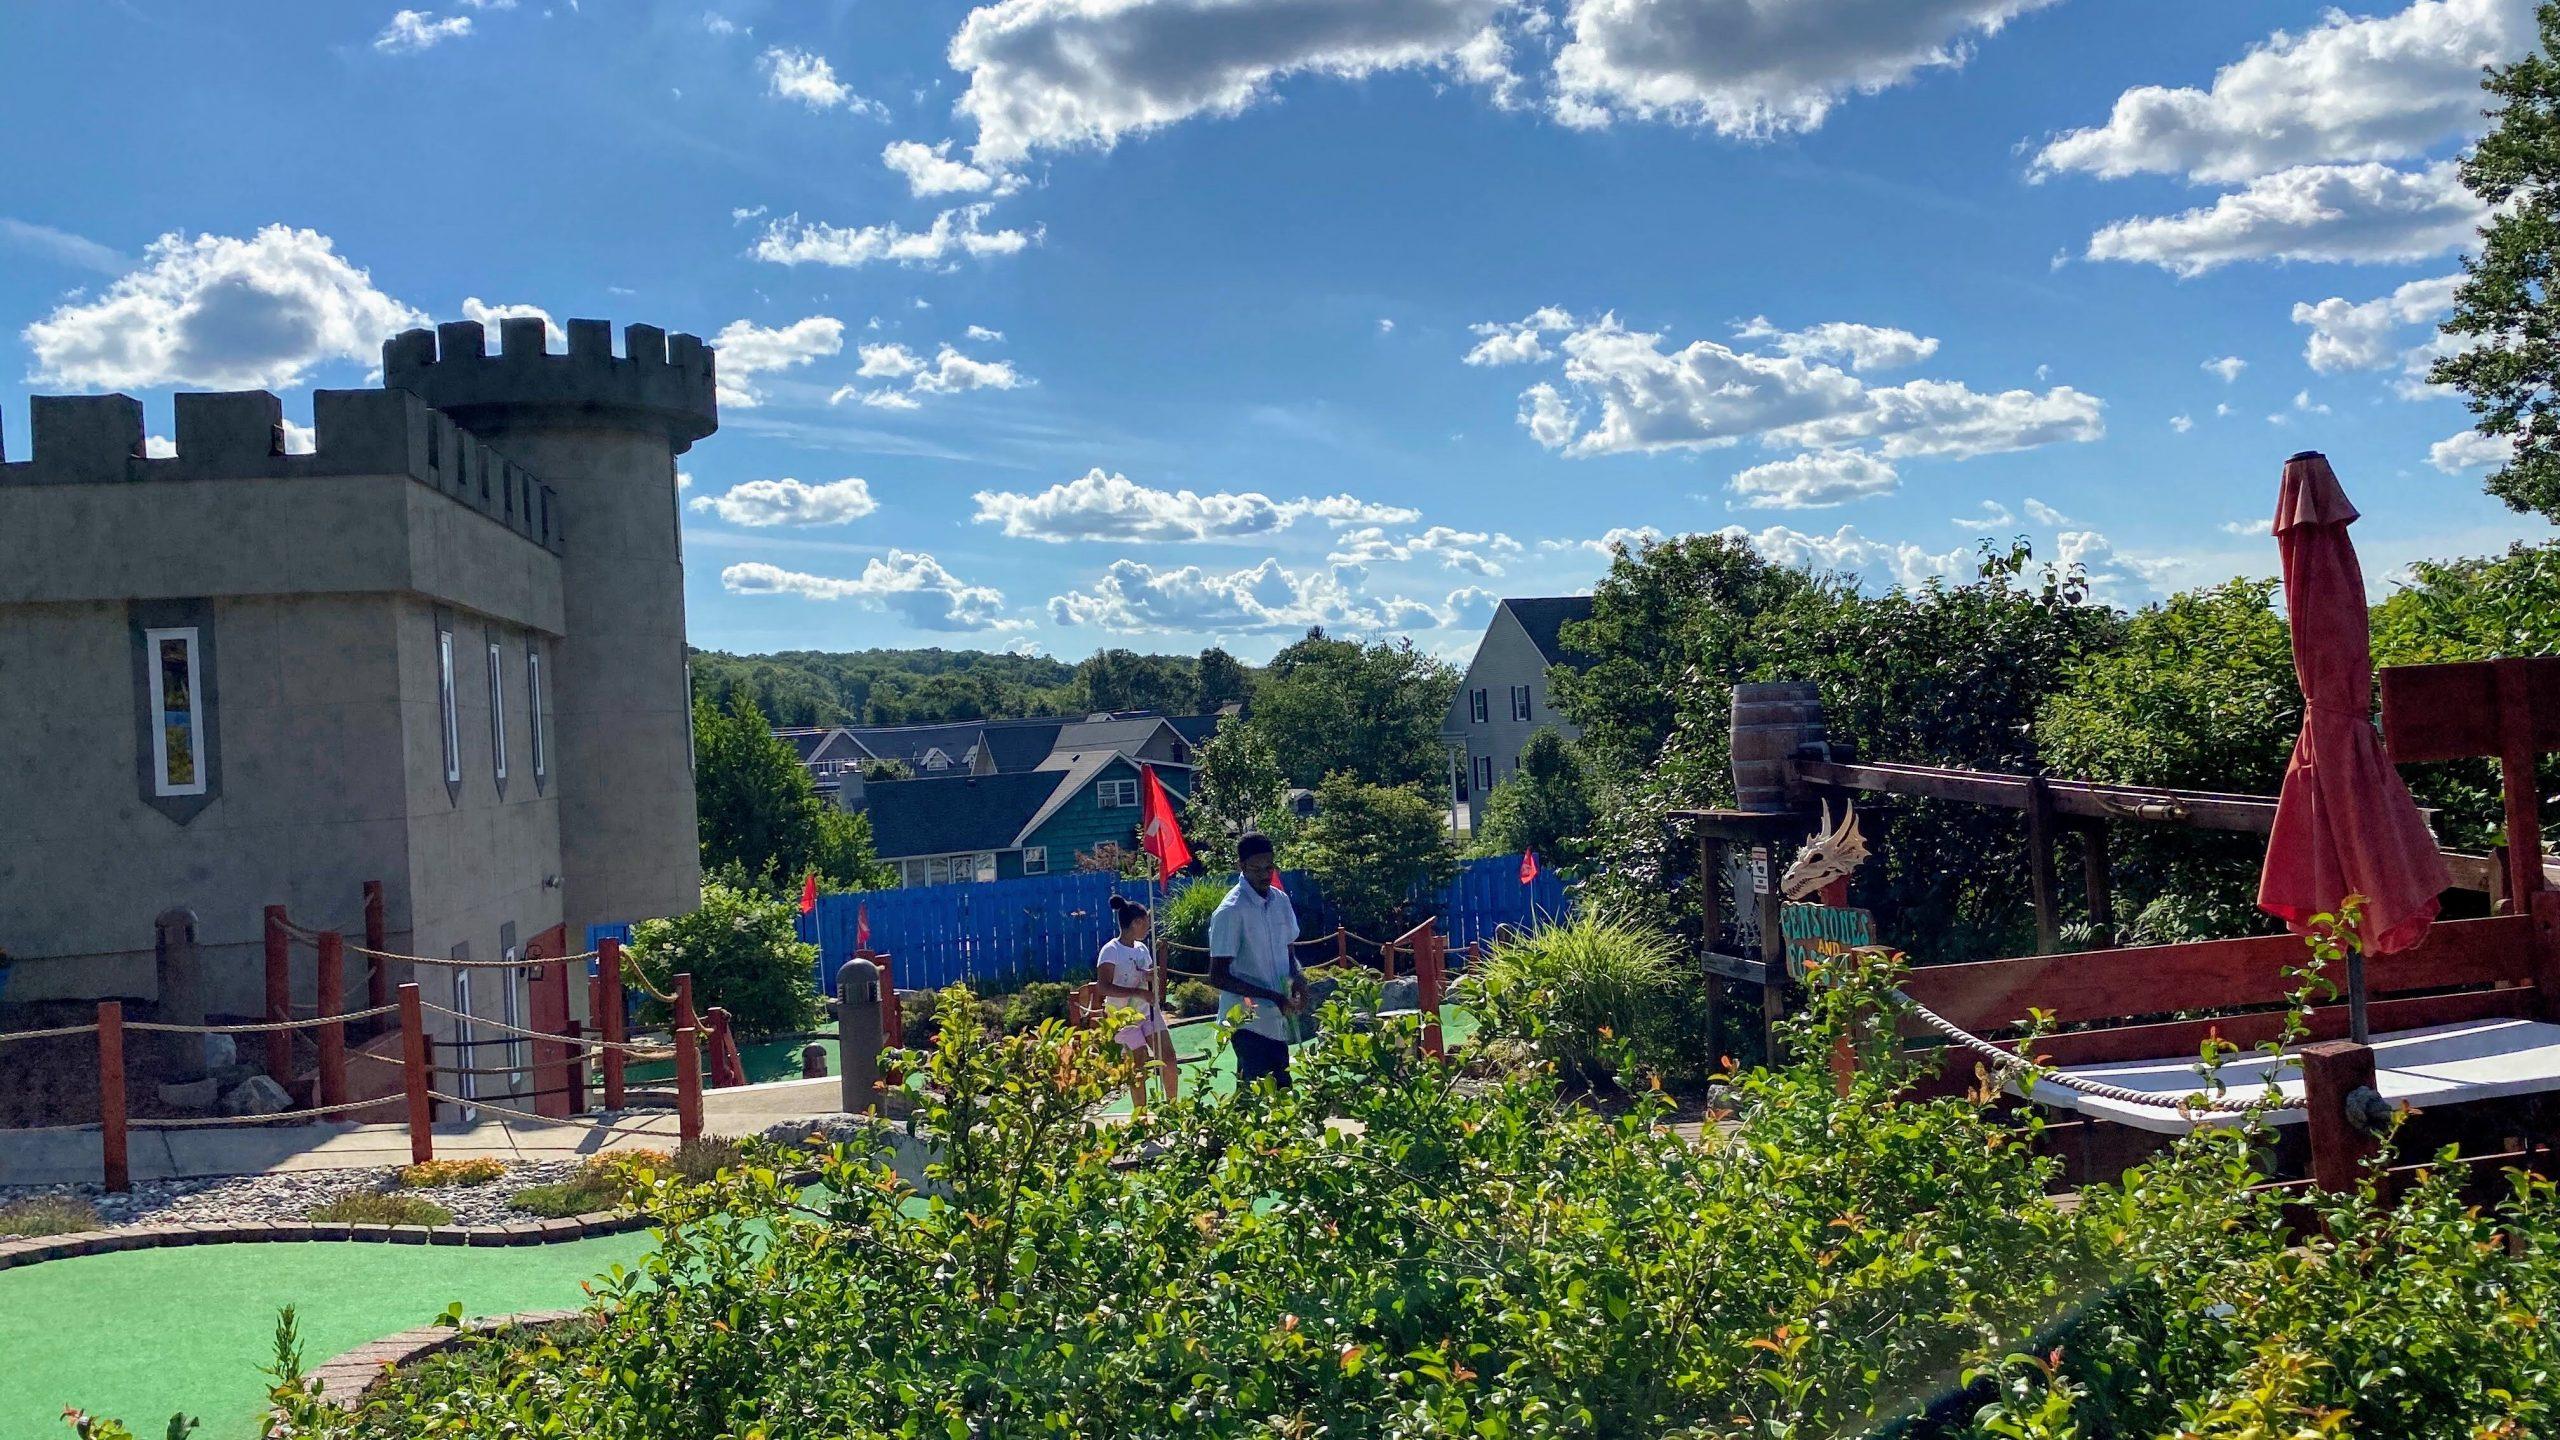 Castle Cove Mini Golf and Arcade